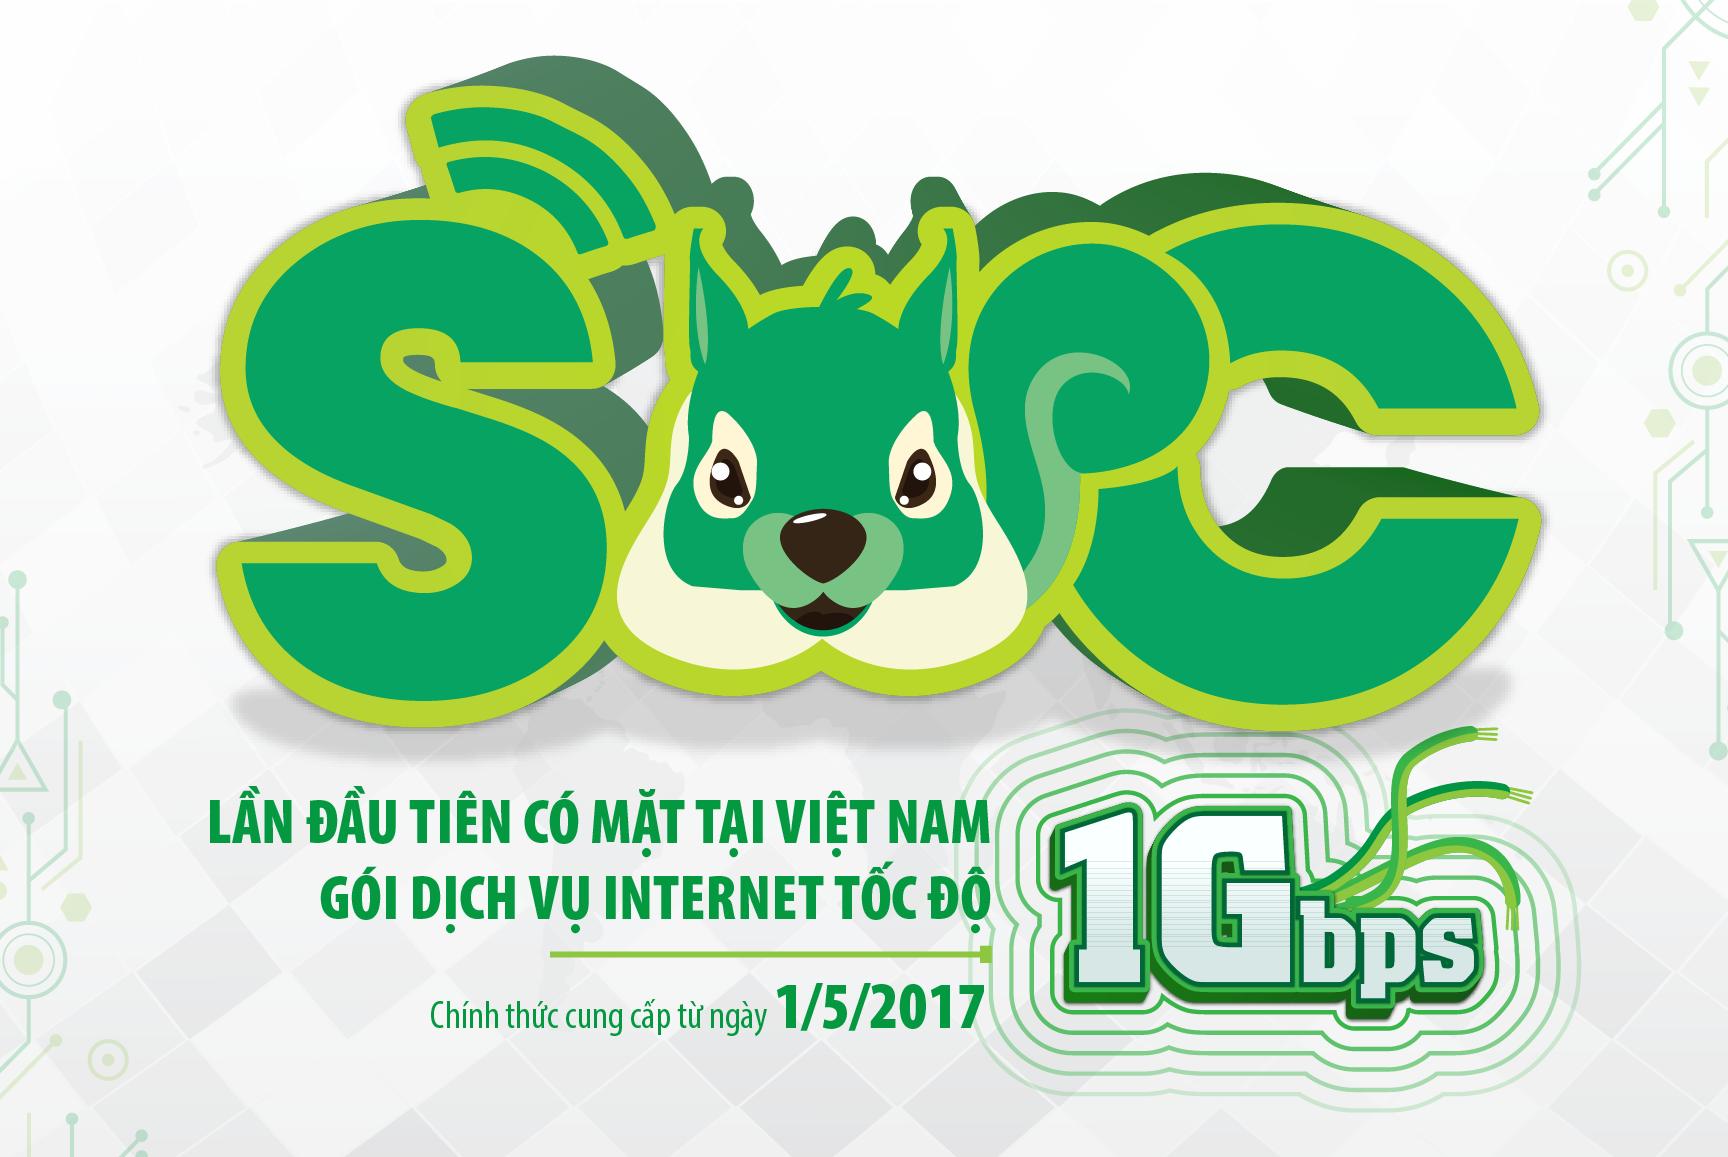 Avatar - Gói cước internet rẻ nhất của FPT